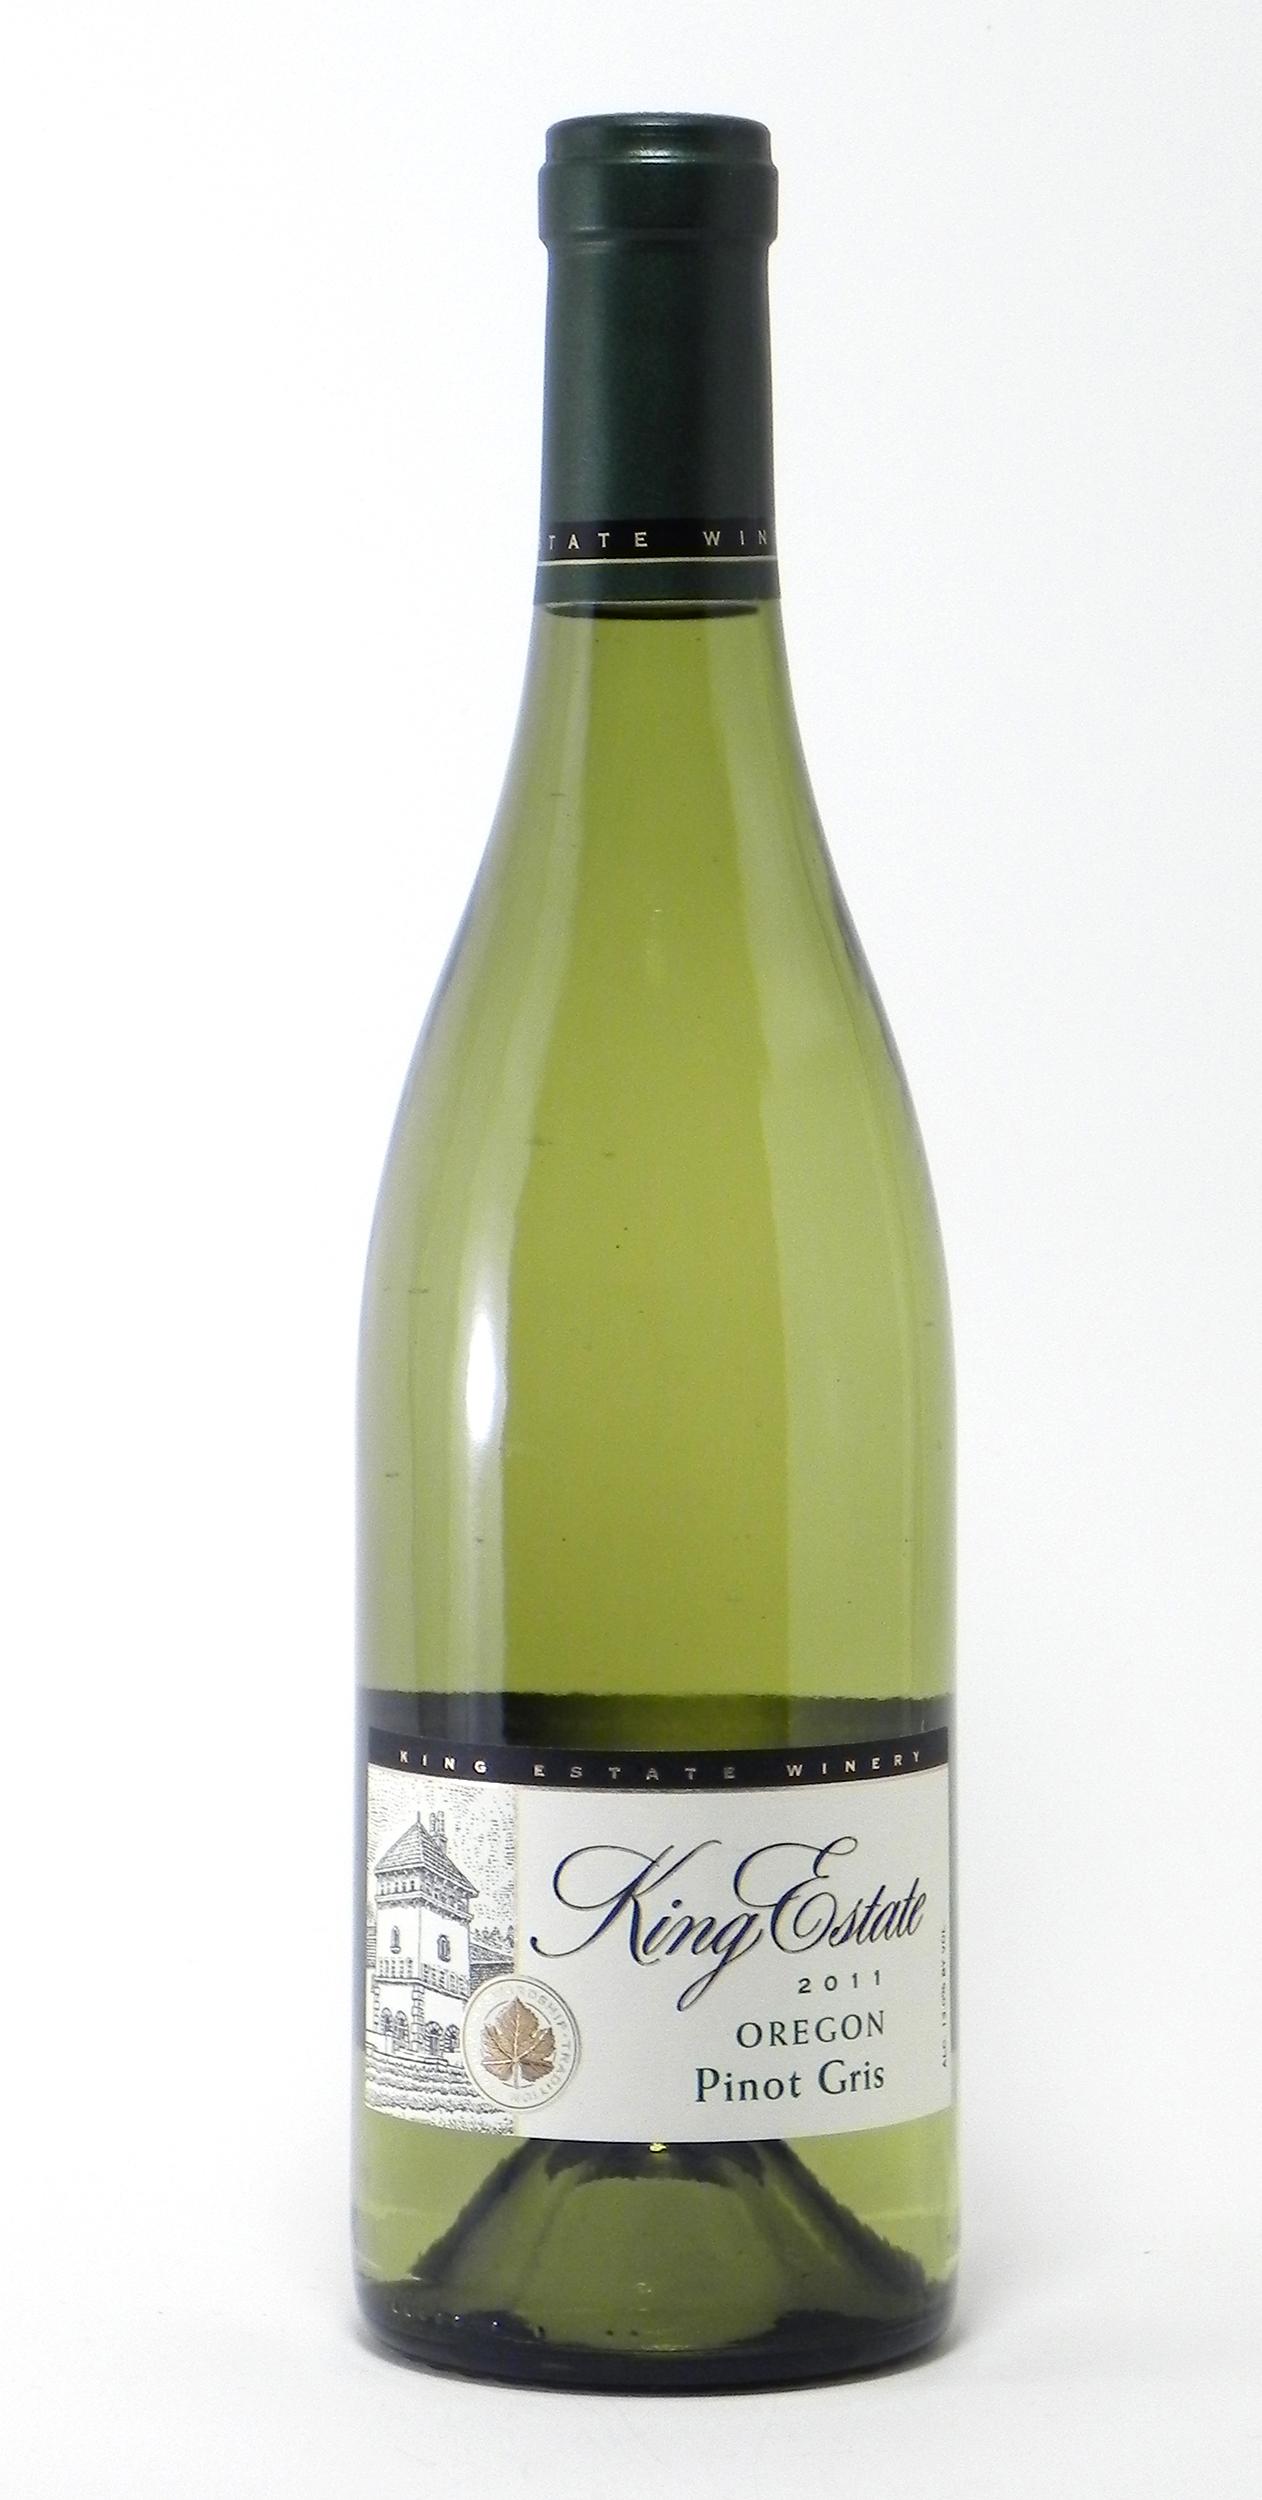 2011 King Estate Pinot Gris